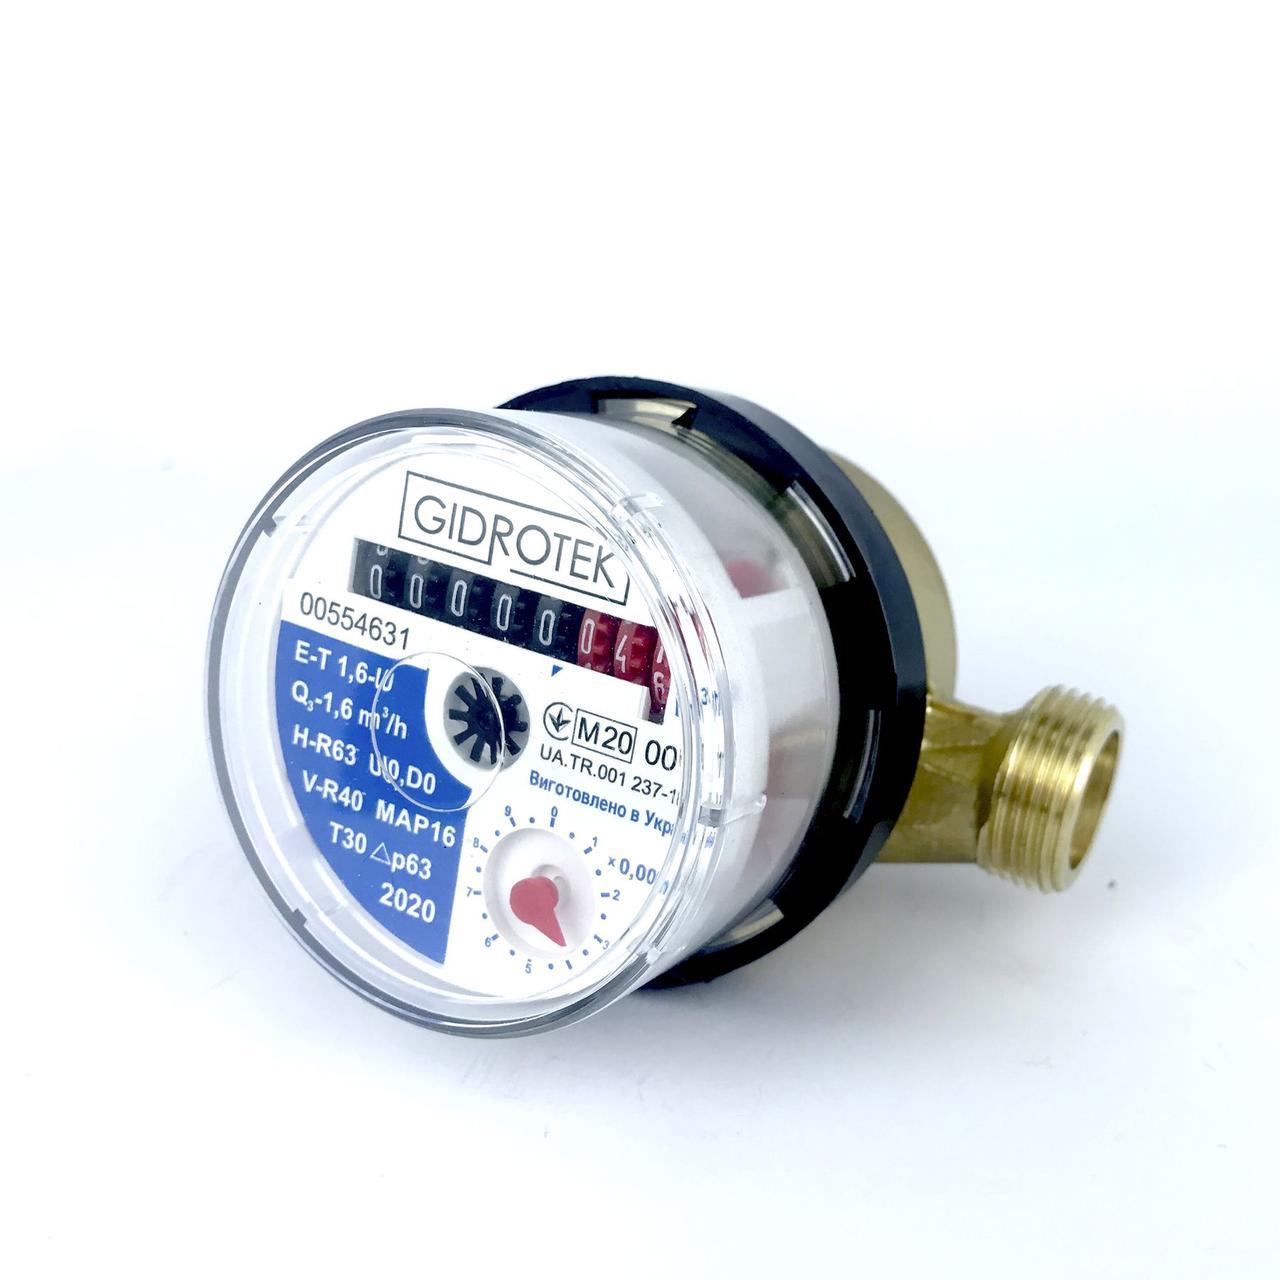 """Счетчик холодной воды Gidrotek E-T 1,6U 1/2"""" со штуцером (110мм)"""